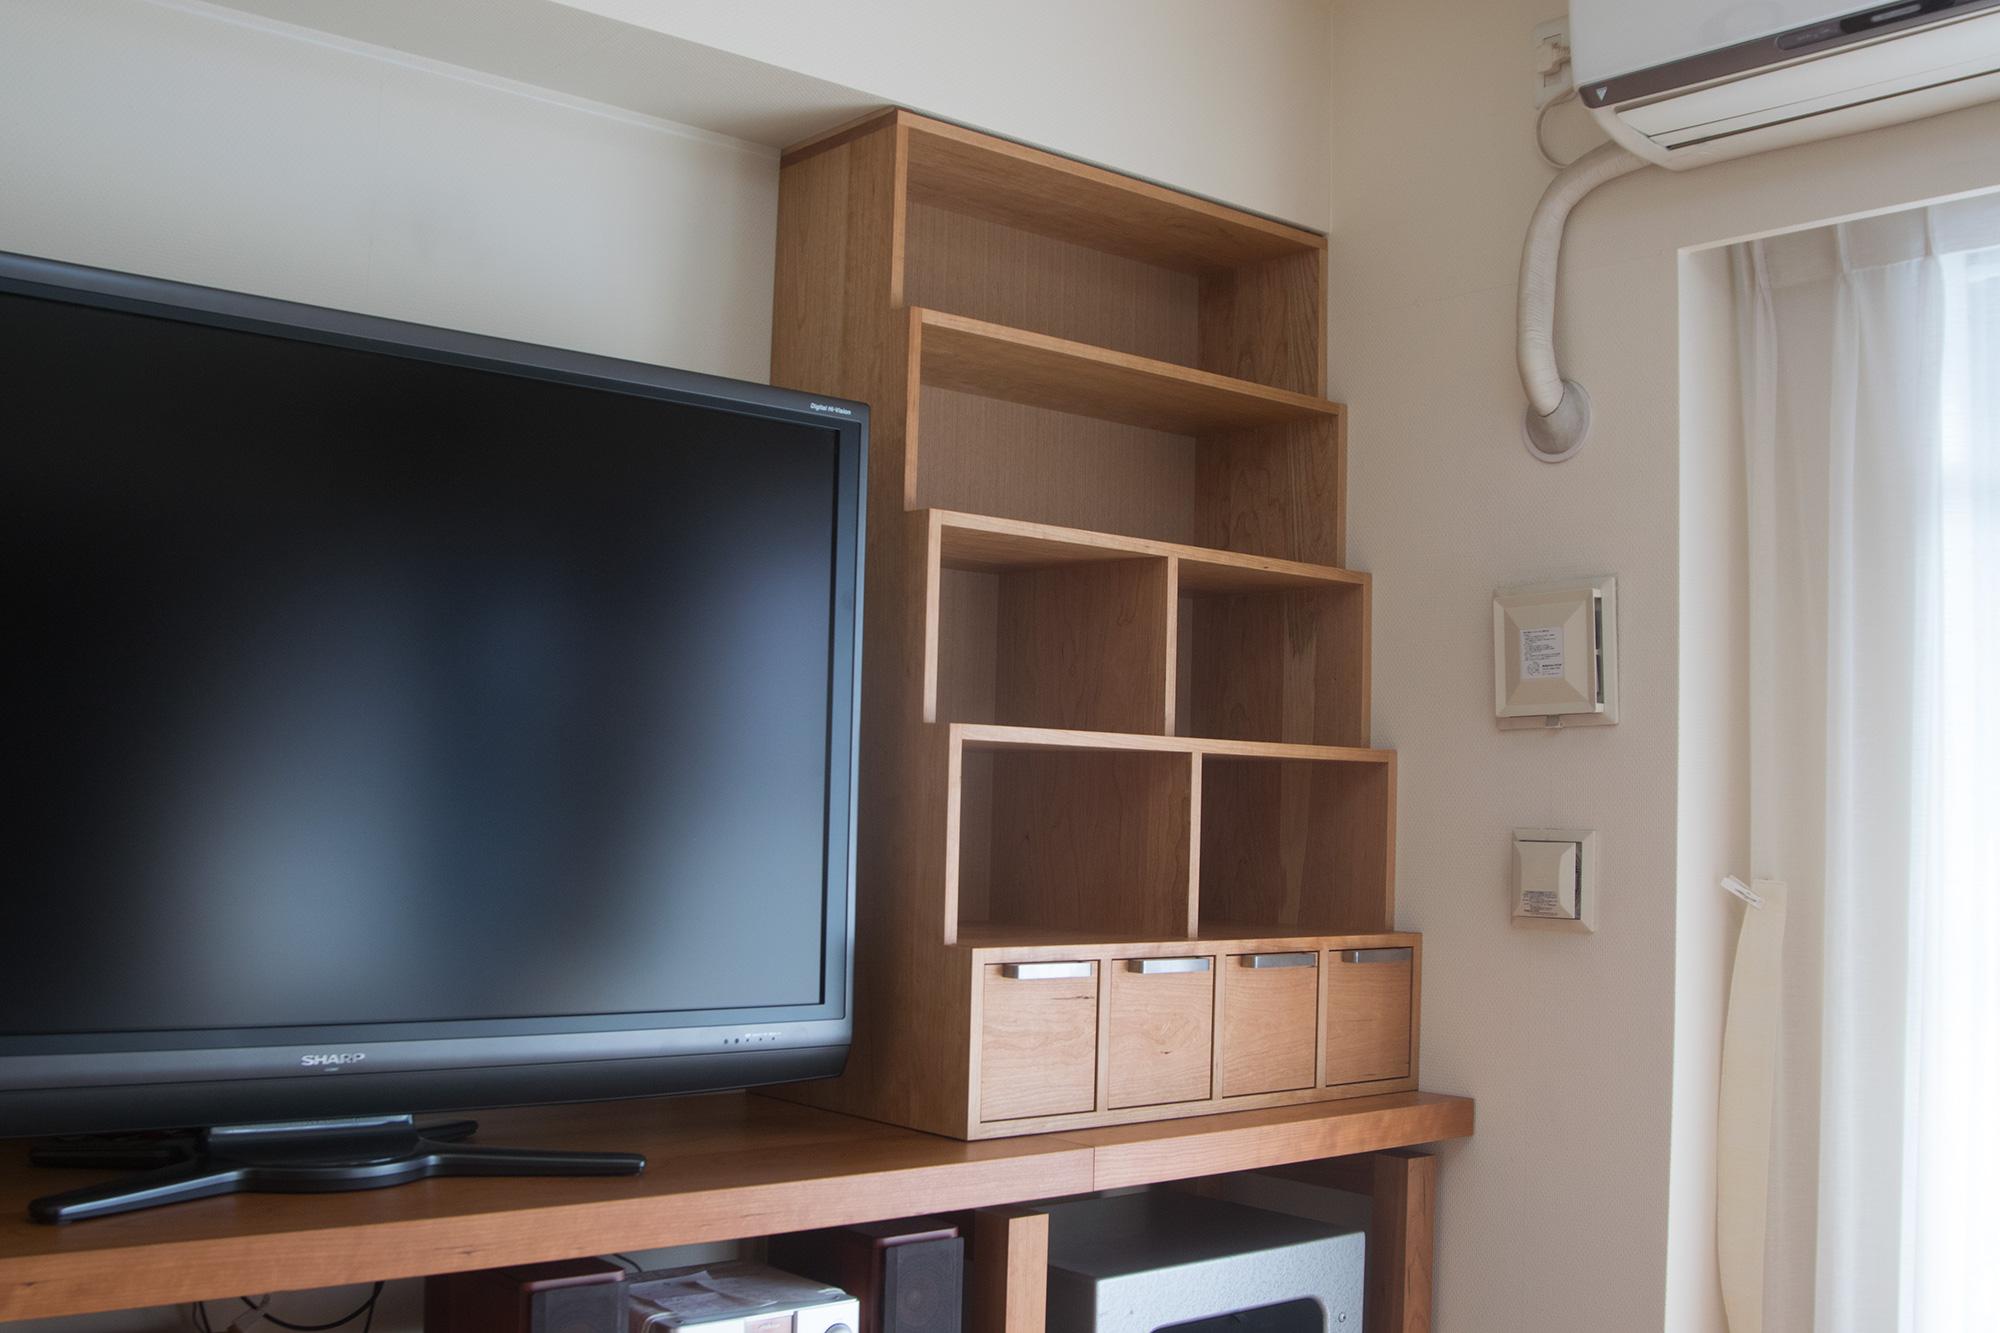 テレビボード上の本棚